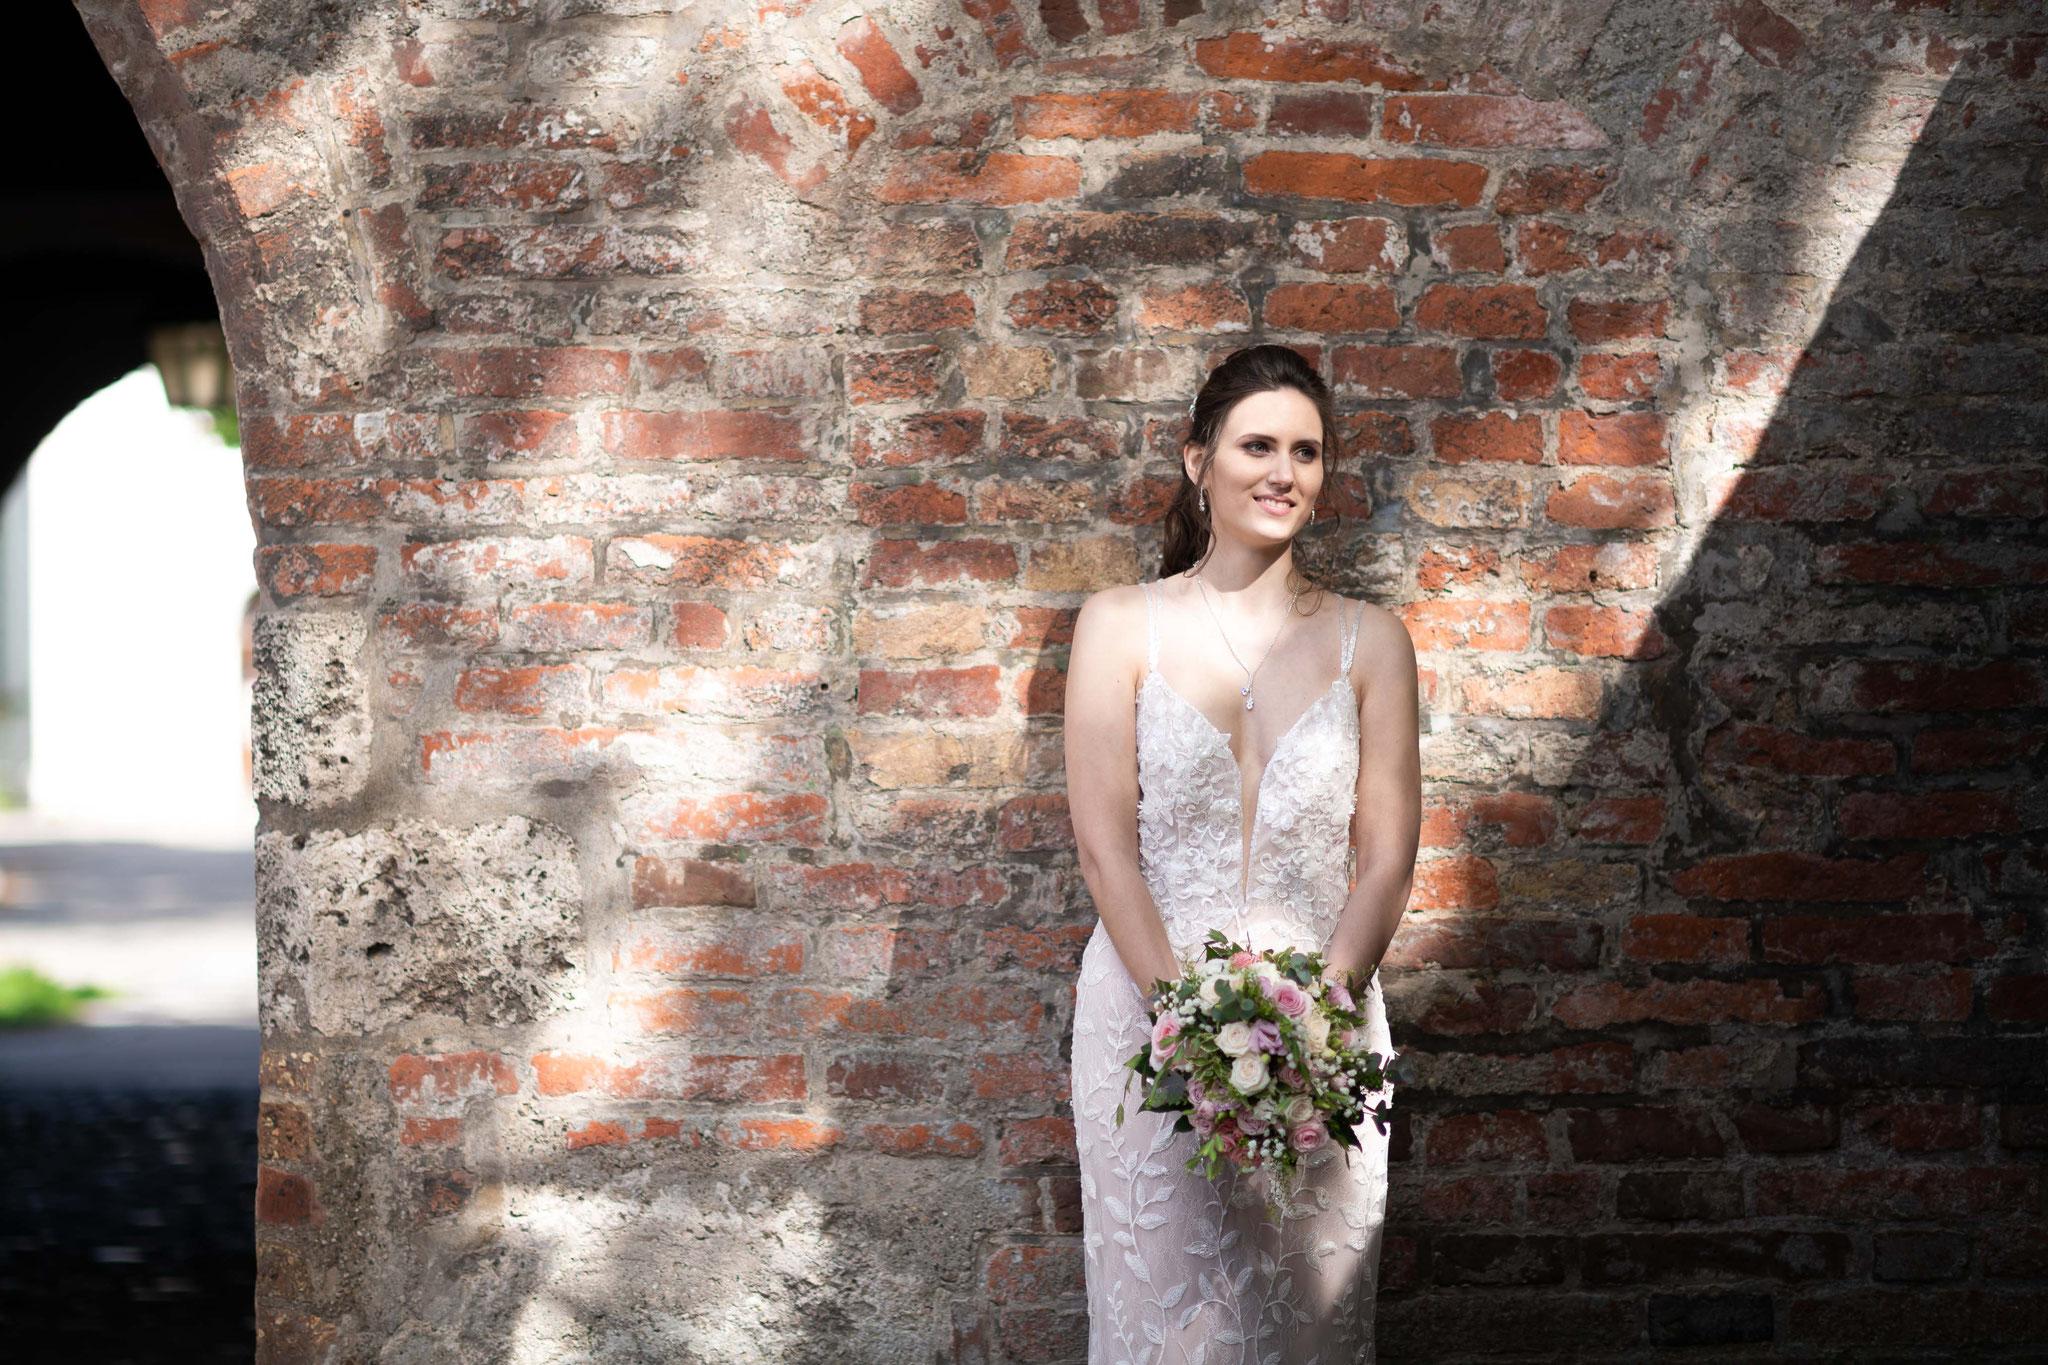 Meine Hochzeit vom professionellen Kamerateam in Memmingen filmen und fotografieren lassen